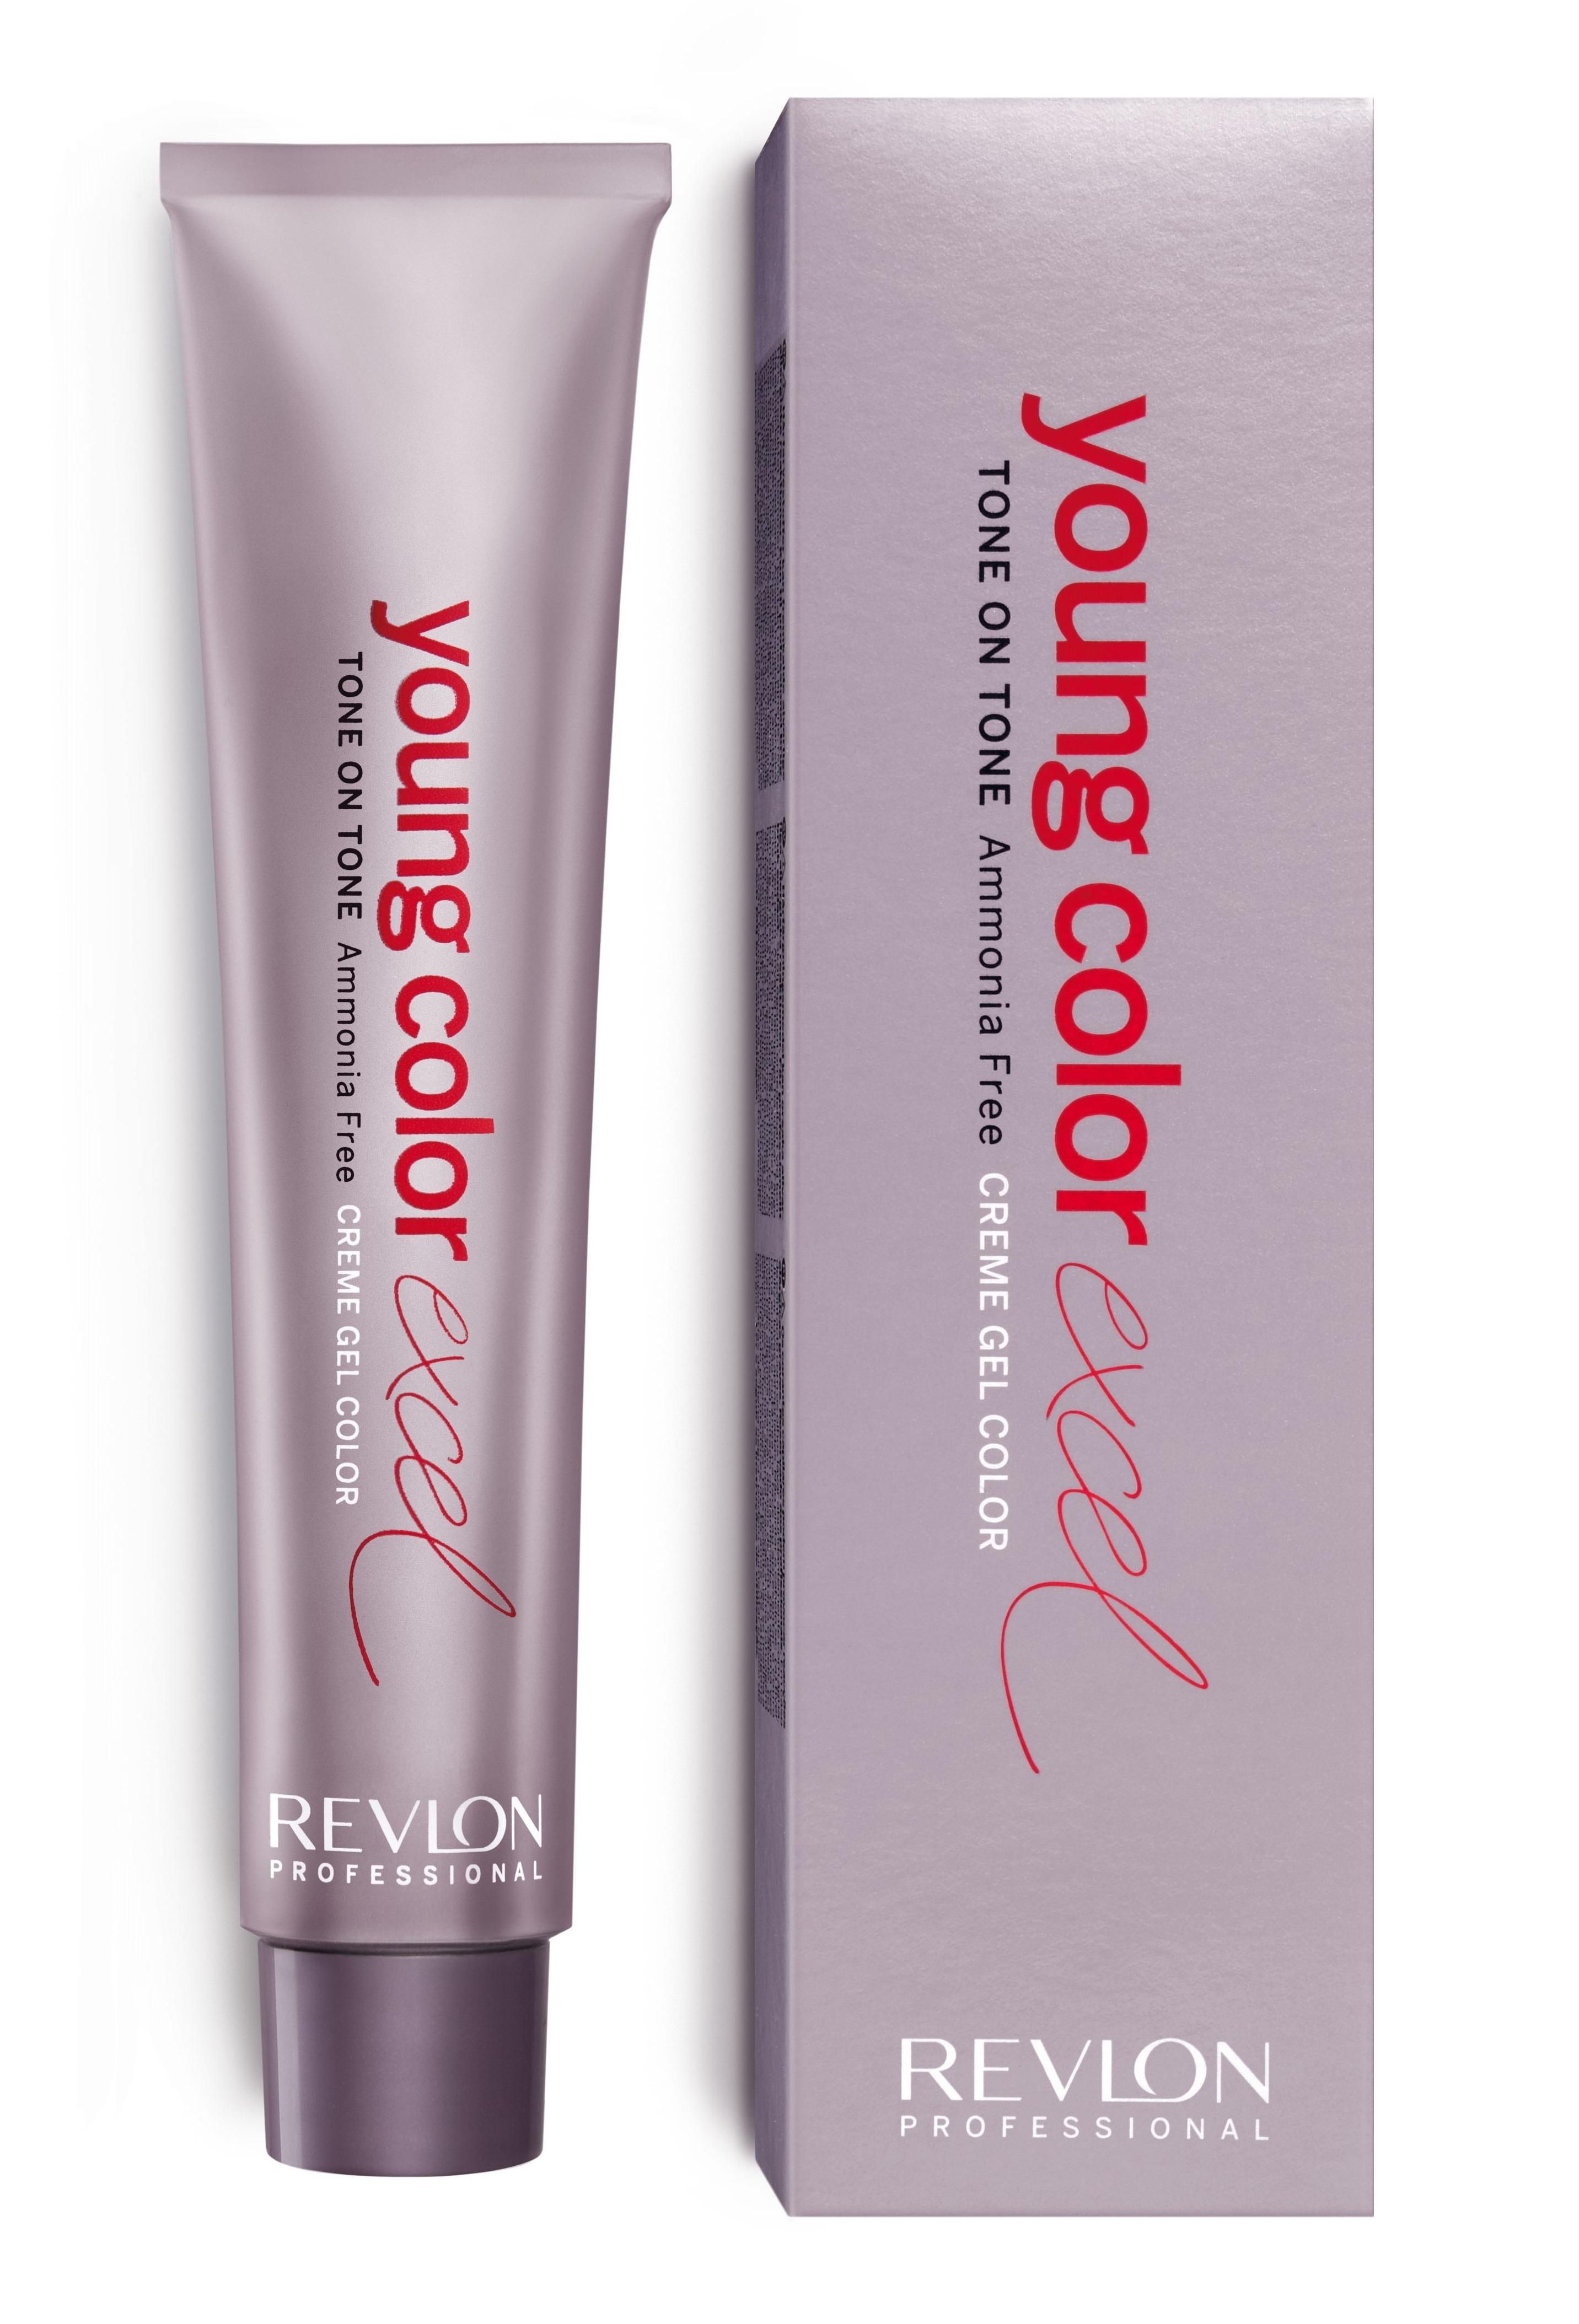 Revlon professional 5 крем-гель полуперманентный, светло-коричневый / young color excel 70 мл